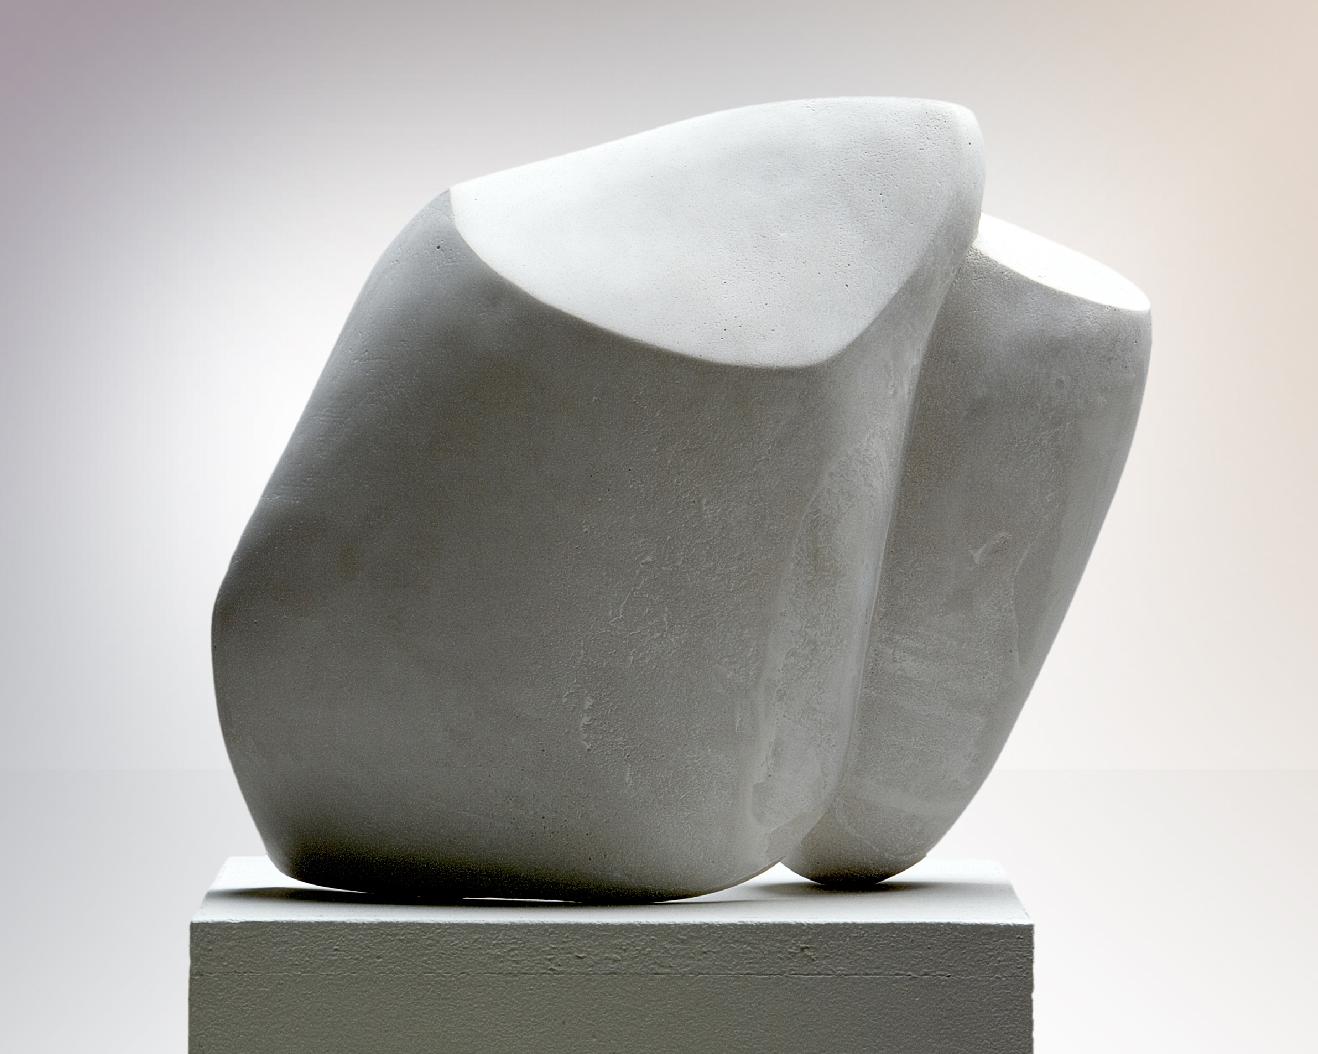 Focus, sculpture en steinguss matériau composite associant principalement le ciment, 29 x 35 x 13 cm